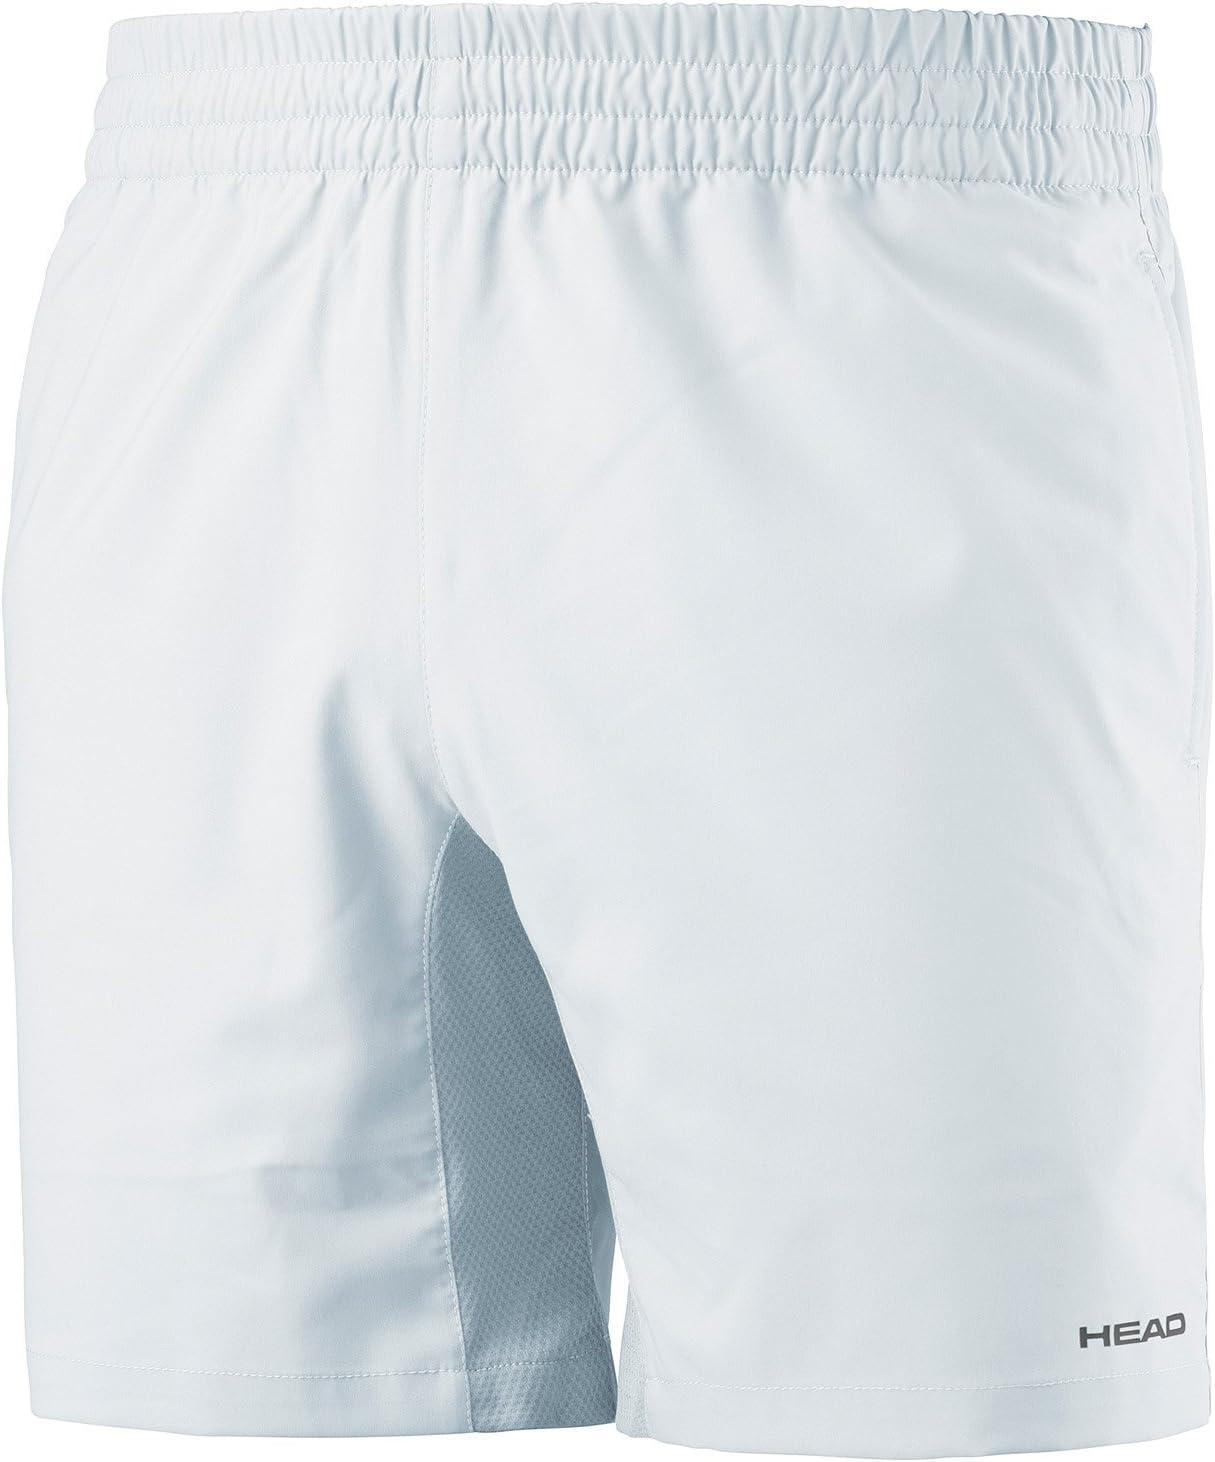 Head Club Shorts - Pantalones Cortos Hombre